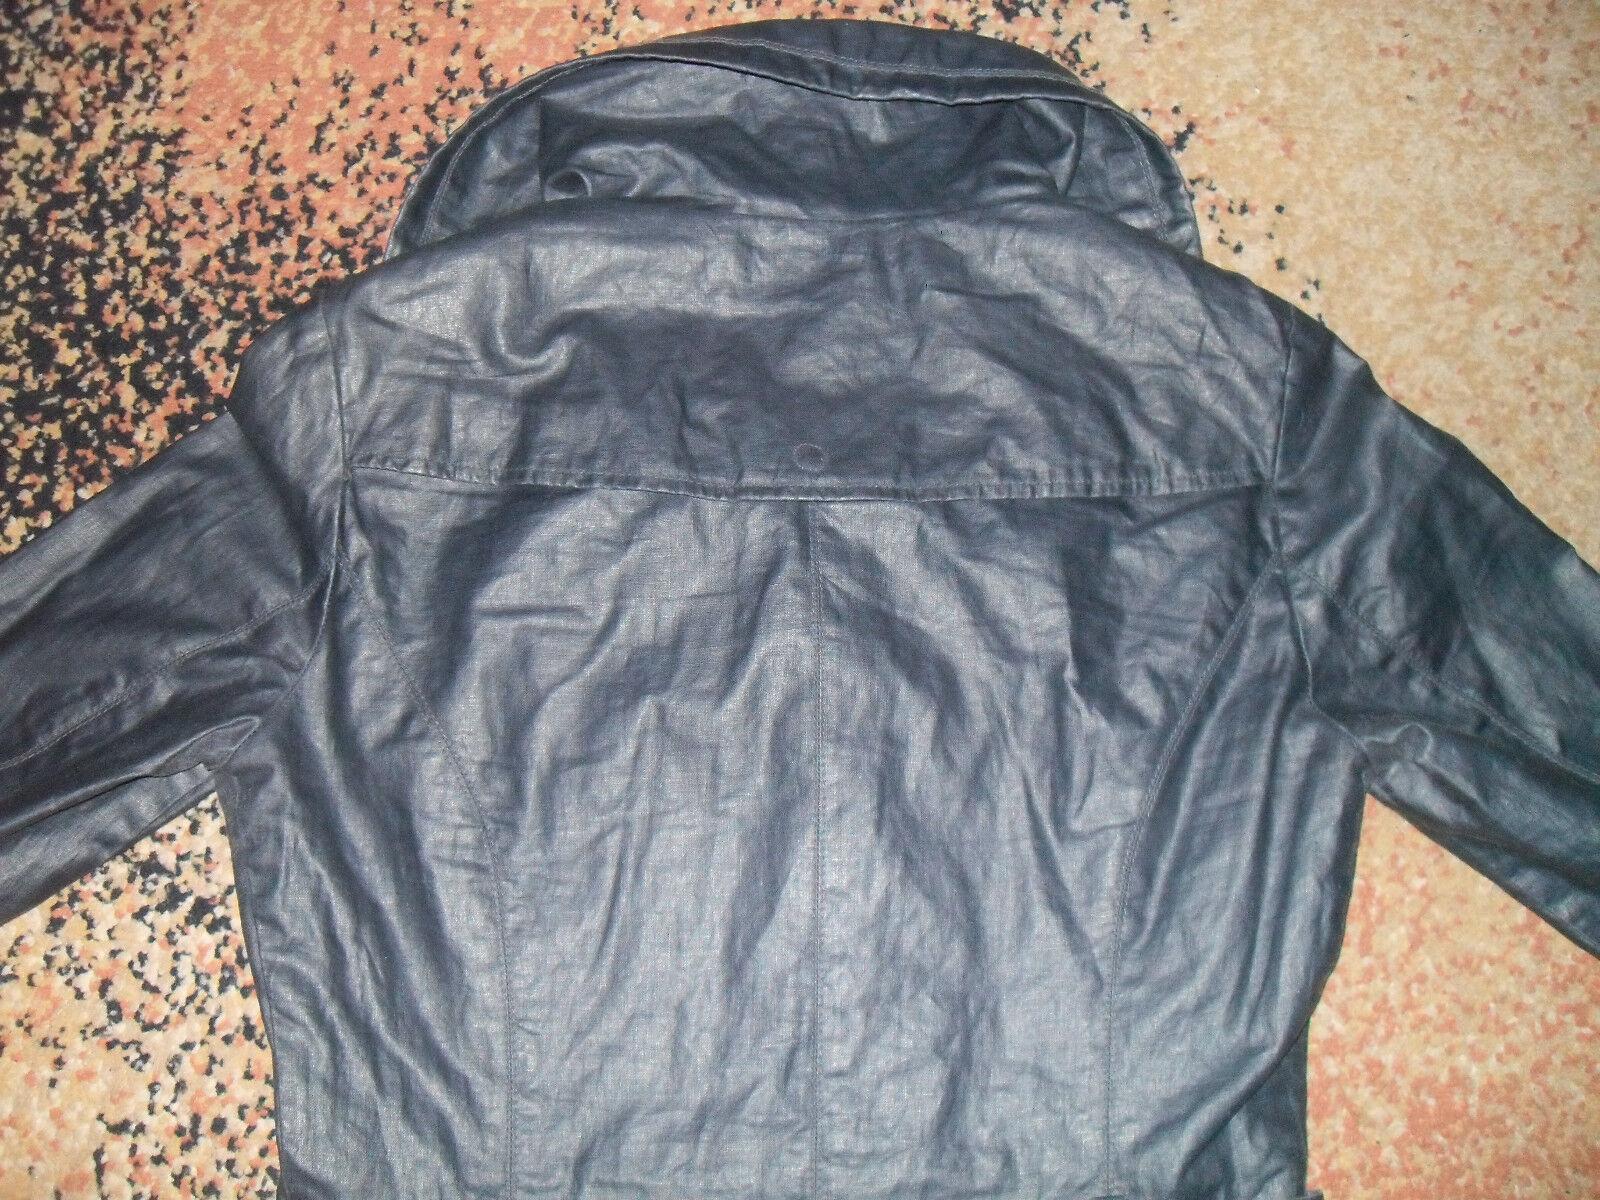 Damen Damen Damen Mantel von Mexx   Gr. 34   blau   Leinen   sehr guter Zustand | Qualität Produkt  | Angenehmes Gefühl  | Züchtungen Eingeführt Werden Eine Nach Der Anderen  32dfa9